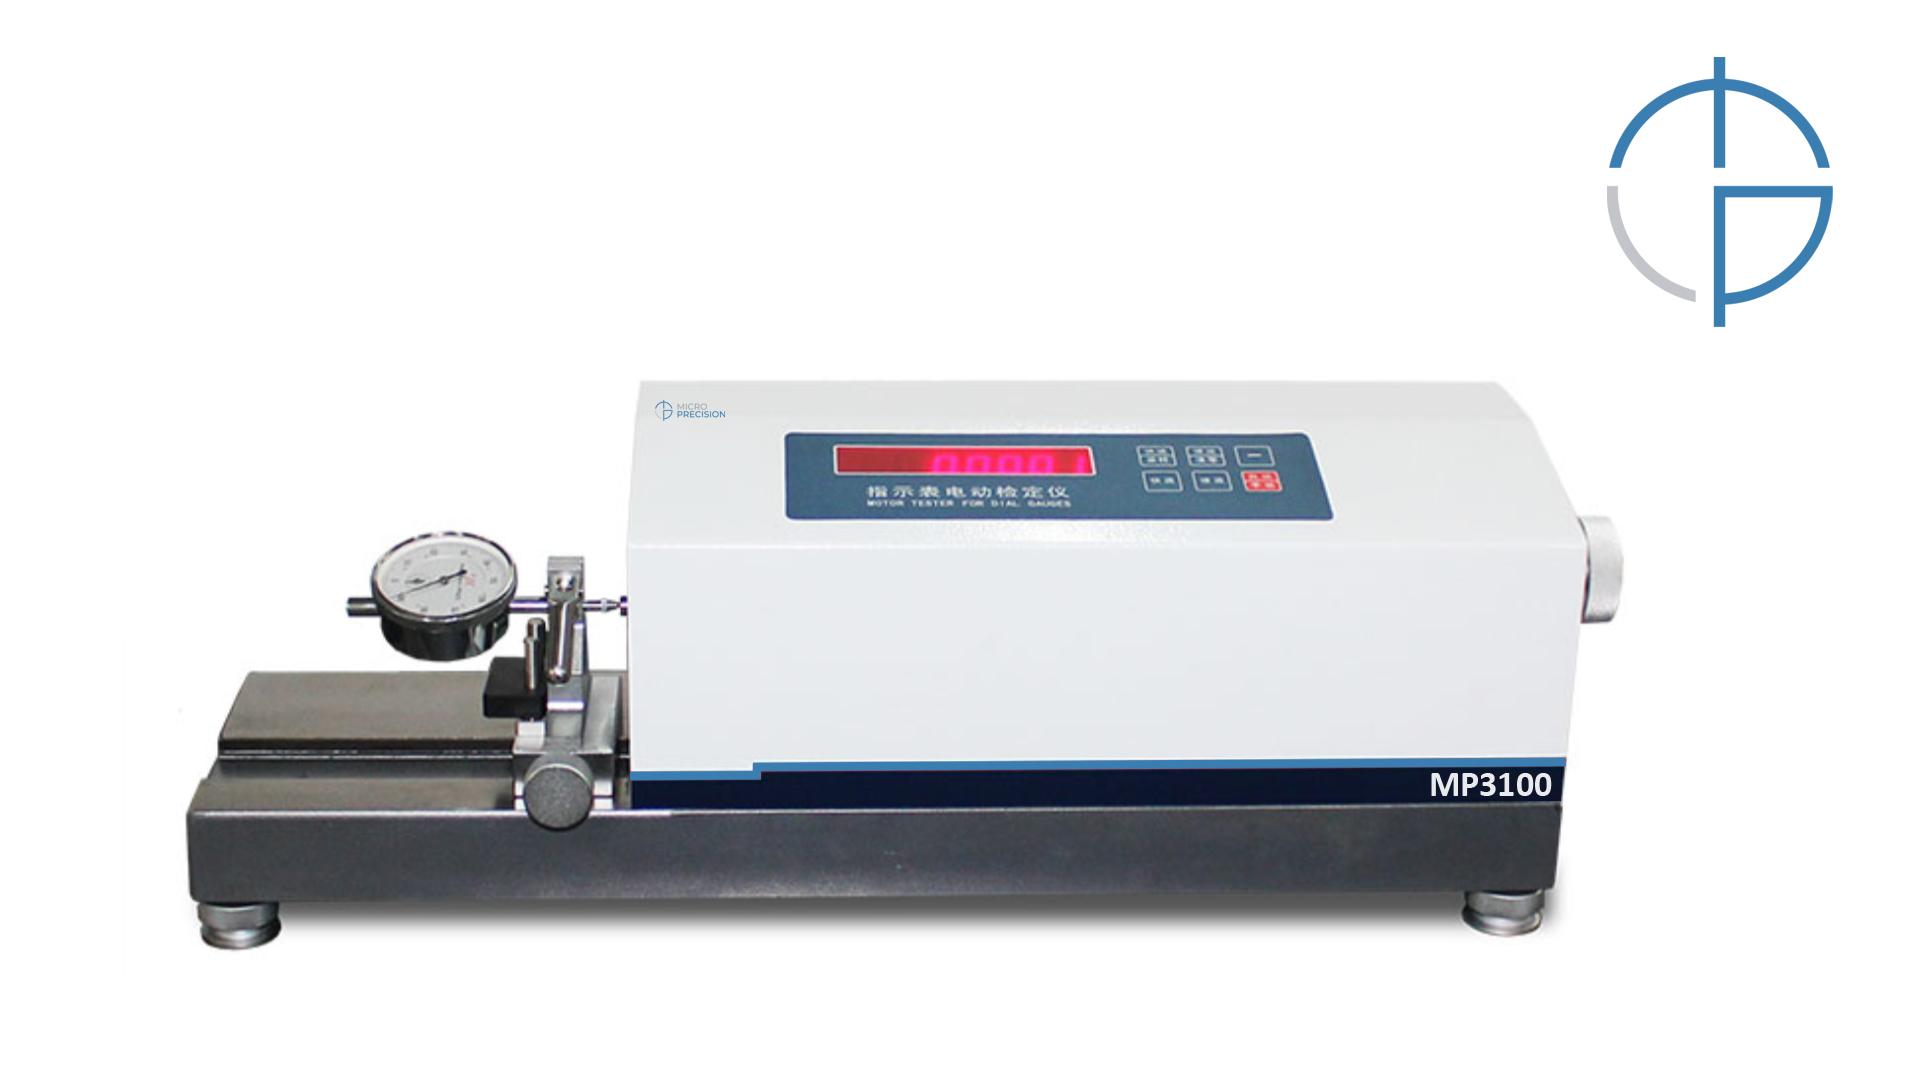 Micro Precision MP3100 Dimensional Calibrators | Dial Indicator Calibrator | Electric Dial Indicator Testing Machine